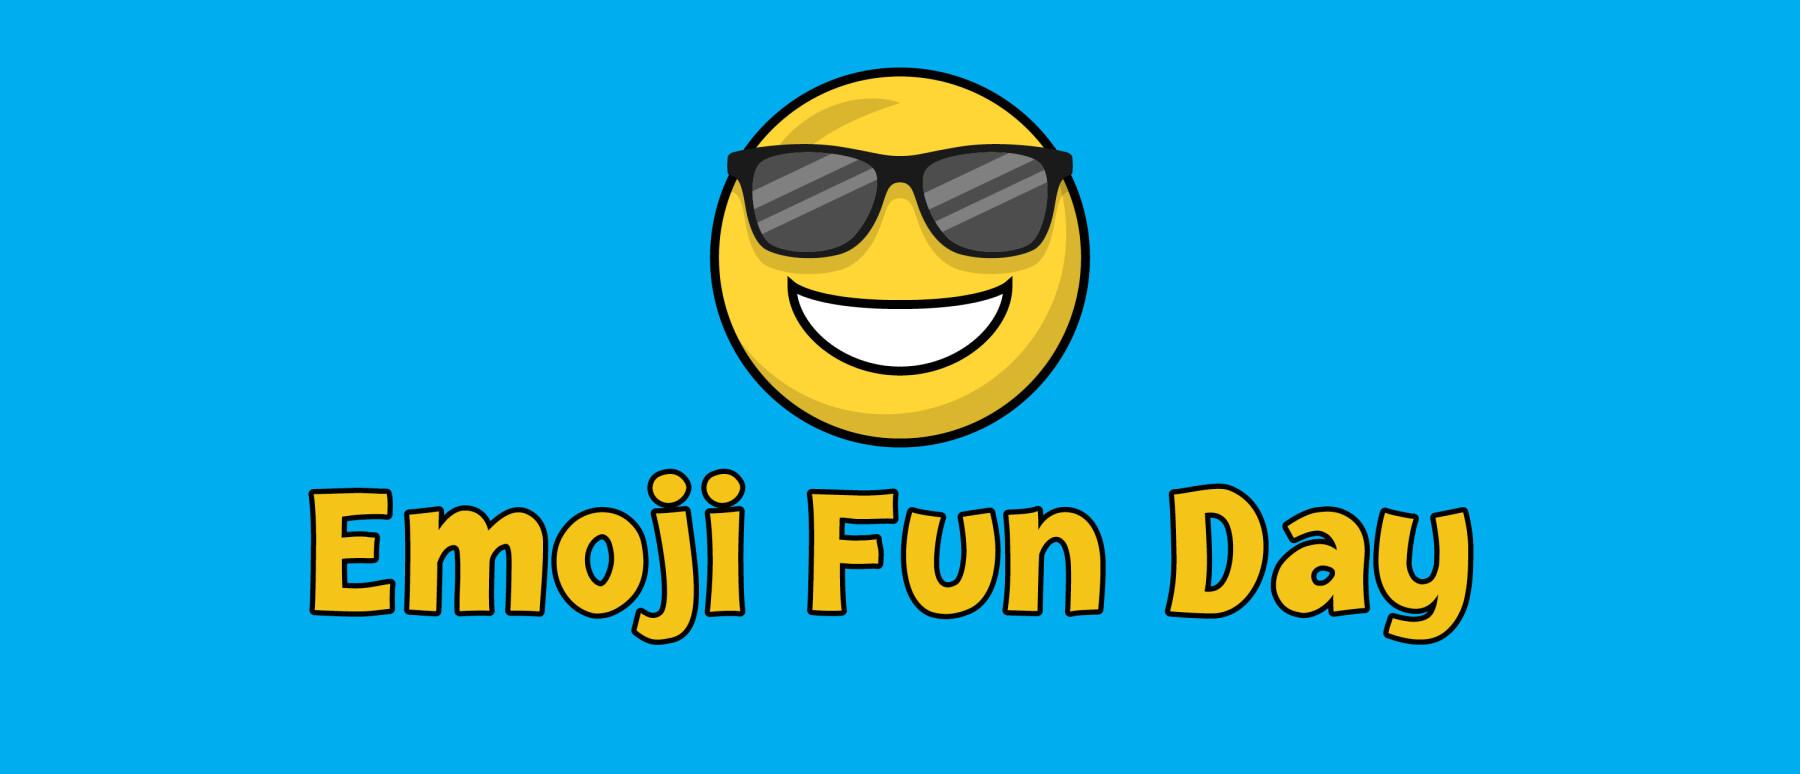 Emoji Fun Day